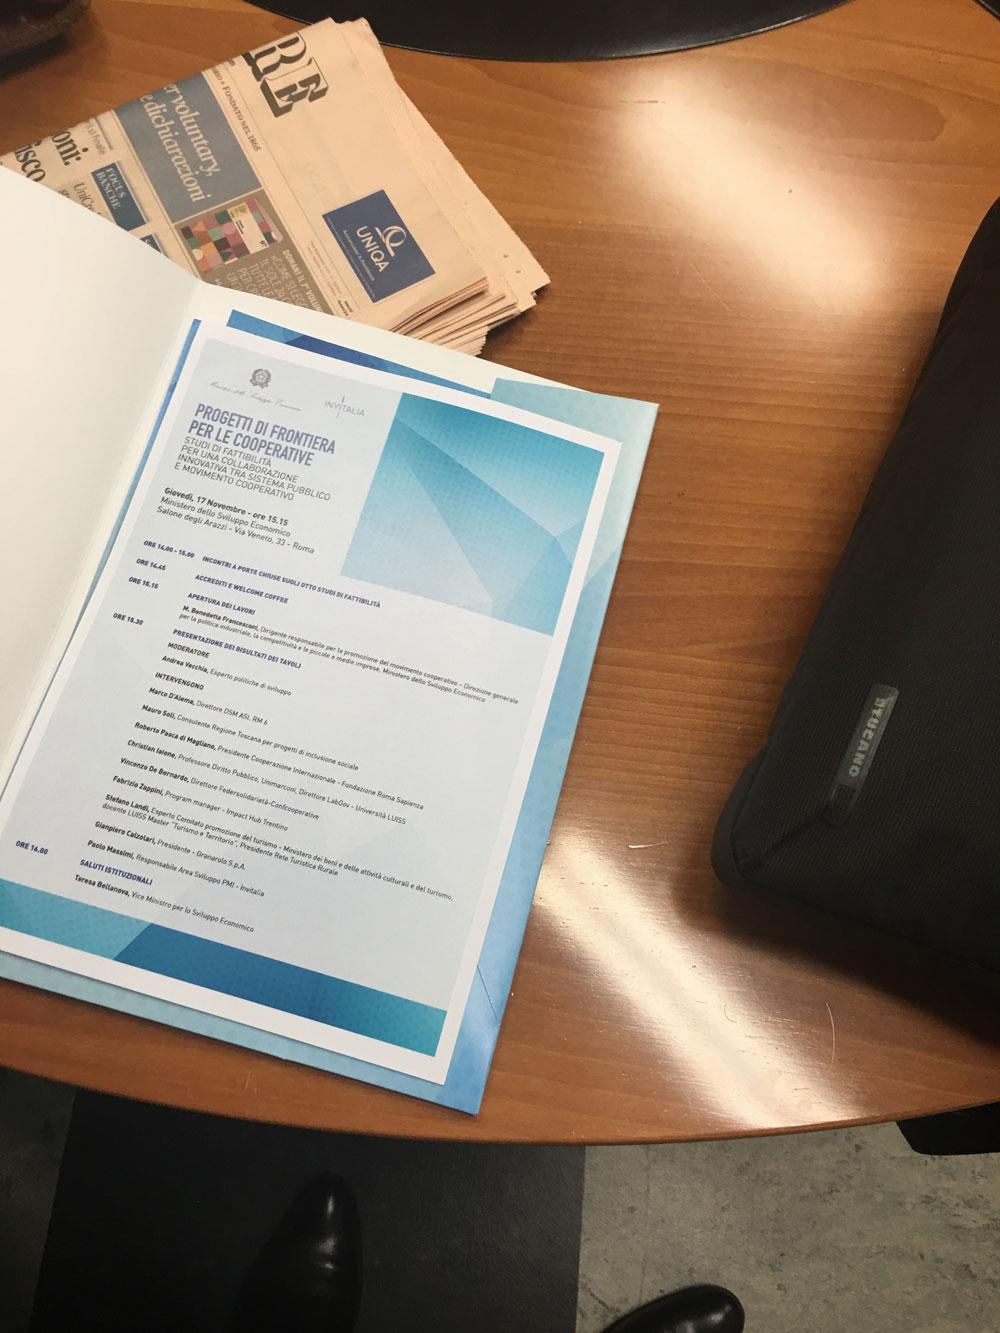 agrisocial-progetti-di-frontiera-cooperative-2-officinae-agenzia-lean-digital-marketing-comunicazione-canvas-matera-milano